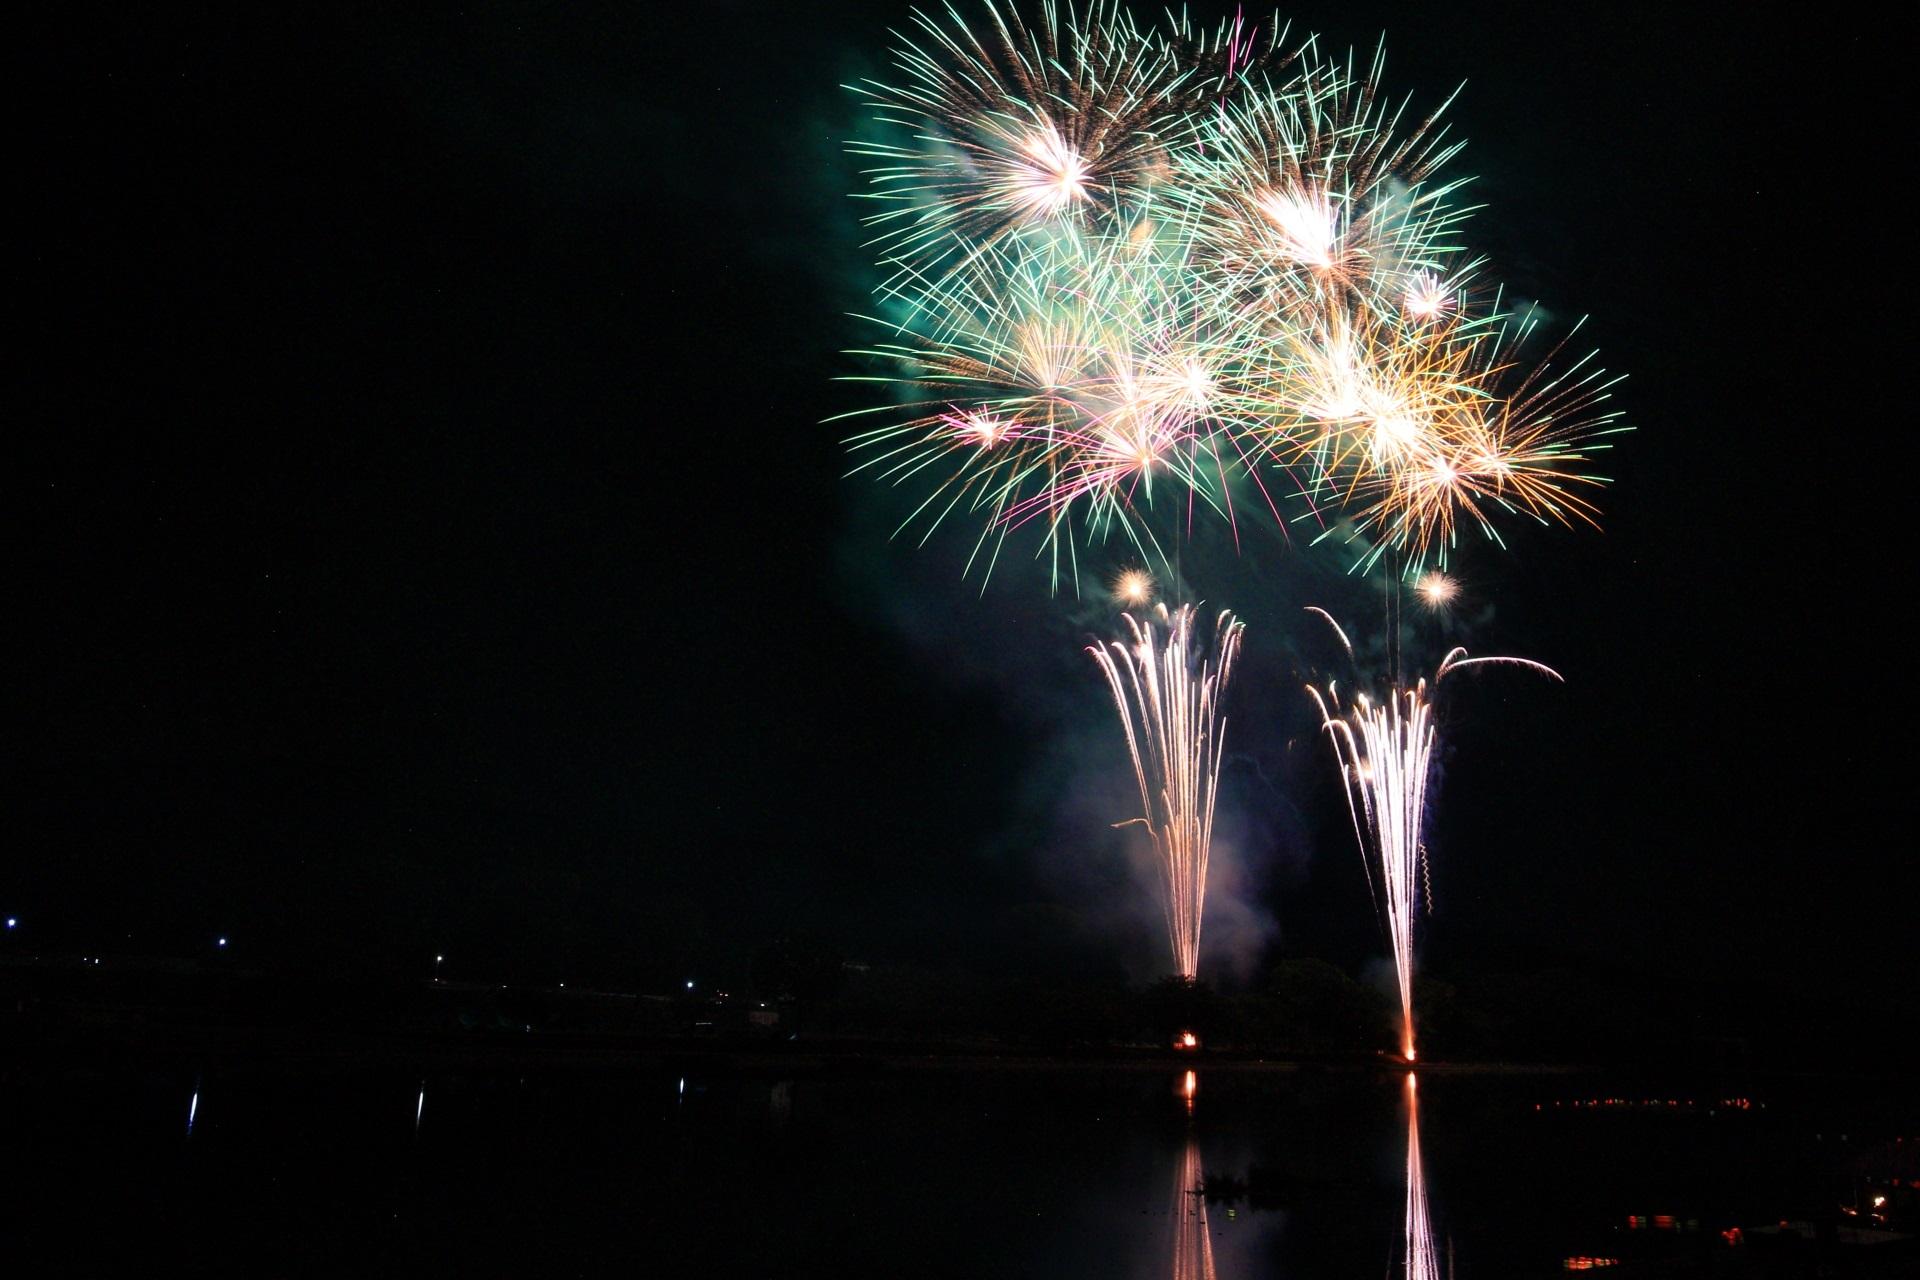 南丹市の夏の夜空を賑やかに染める花火